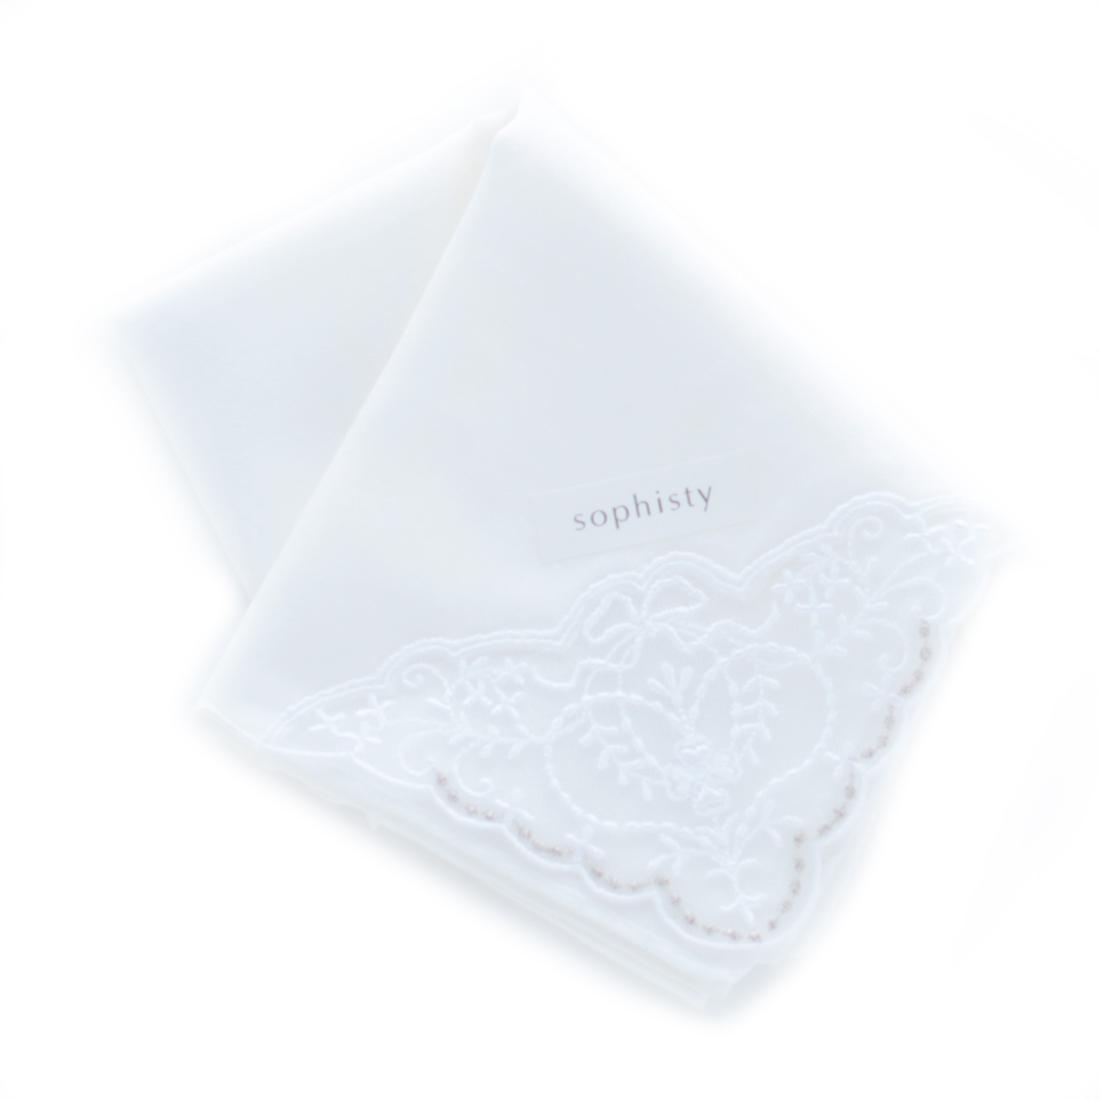 ソフィスティ 刺繍入りハンカチ 0204 ホワイト